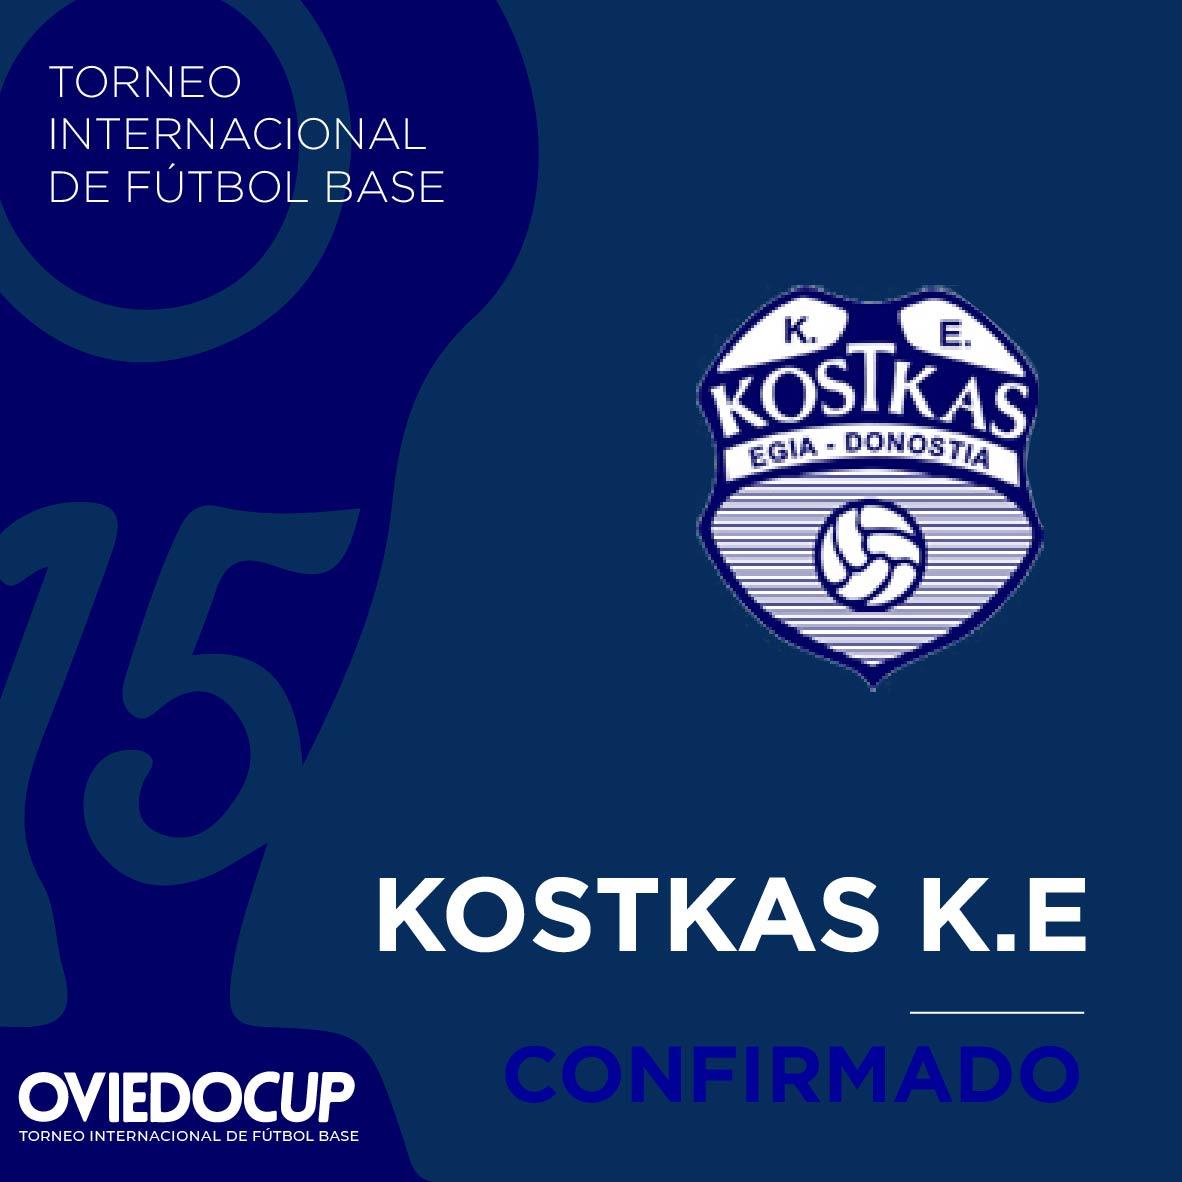   EQUIPO CONFIRMADO  ¡¡Celebramos que el club vasco estará presente en la #OviedoCup2020!! @kostkas_ke  #TorneoInternacional #FútboBase #OviedoCup #XVEdición #SemanaSantapic.twitter.com/rb6eX5ep5E